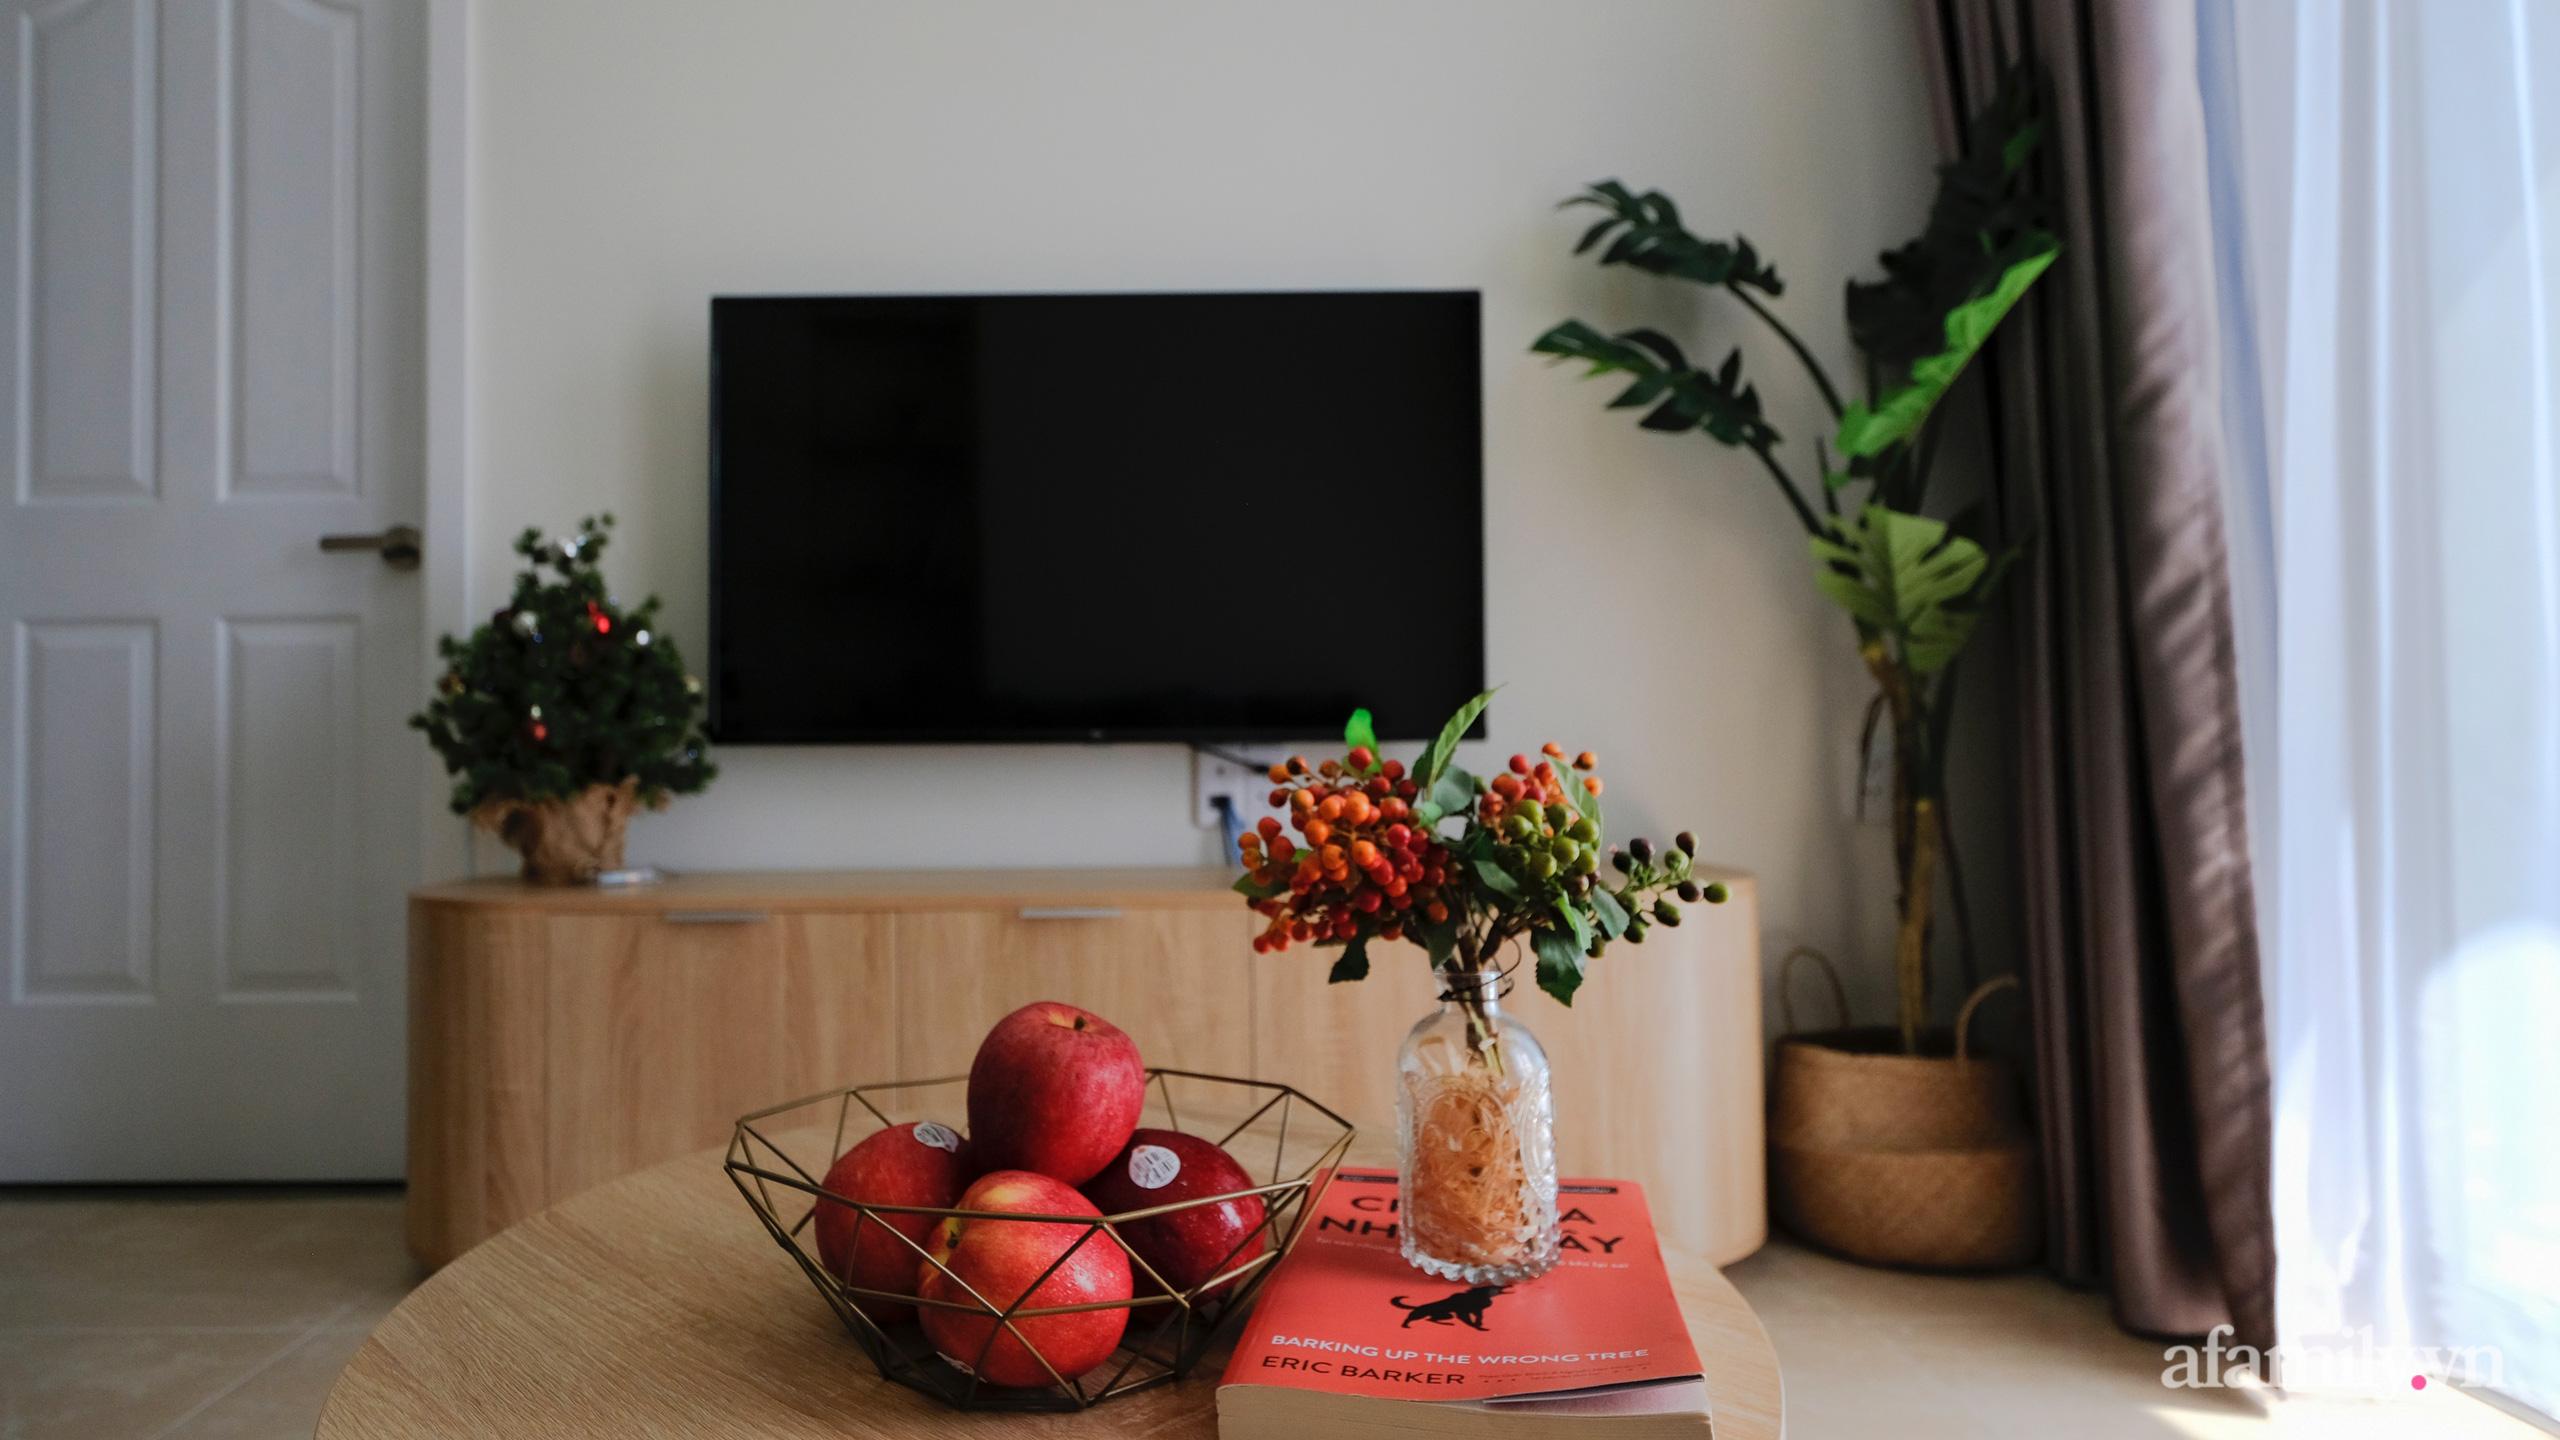 Căn hộ 75m² view sông Hàn đắt giá nhưng được thiết kế nội thất bình dị, ấm áp có chi phí 78 triệu đồng ở TP Đà Nẵng - Ảnh 6.